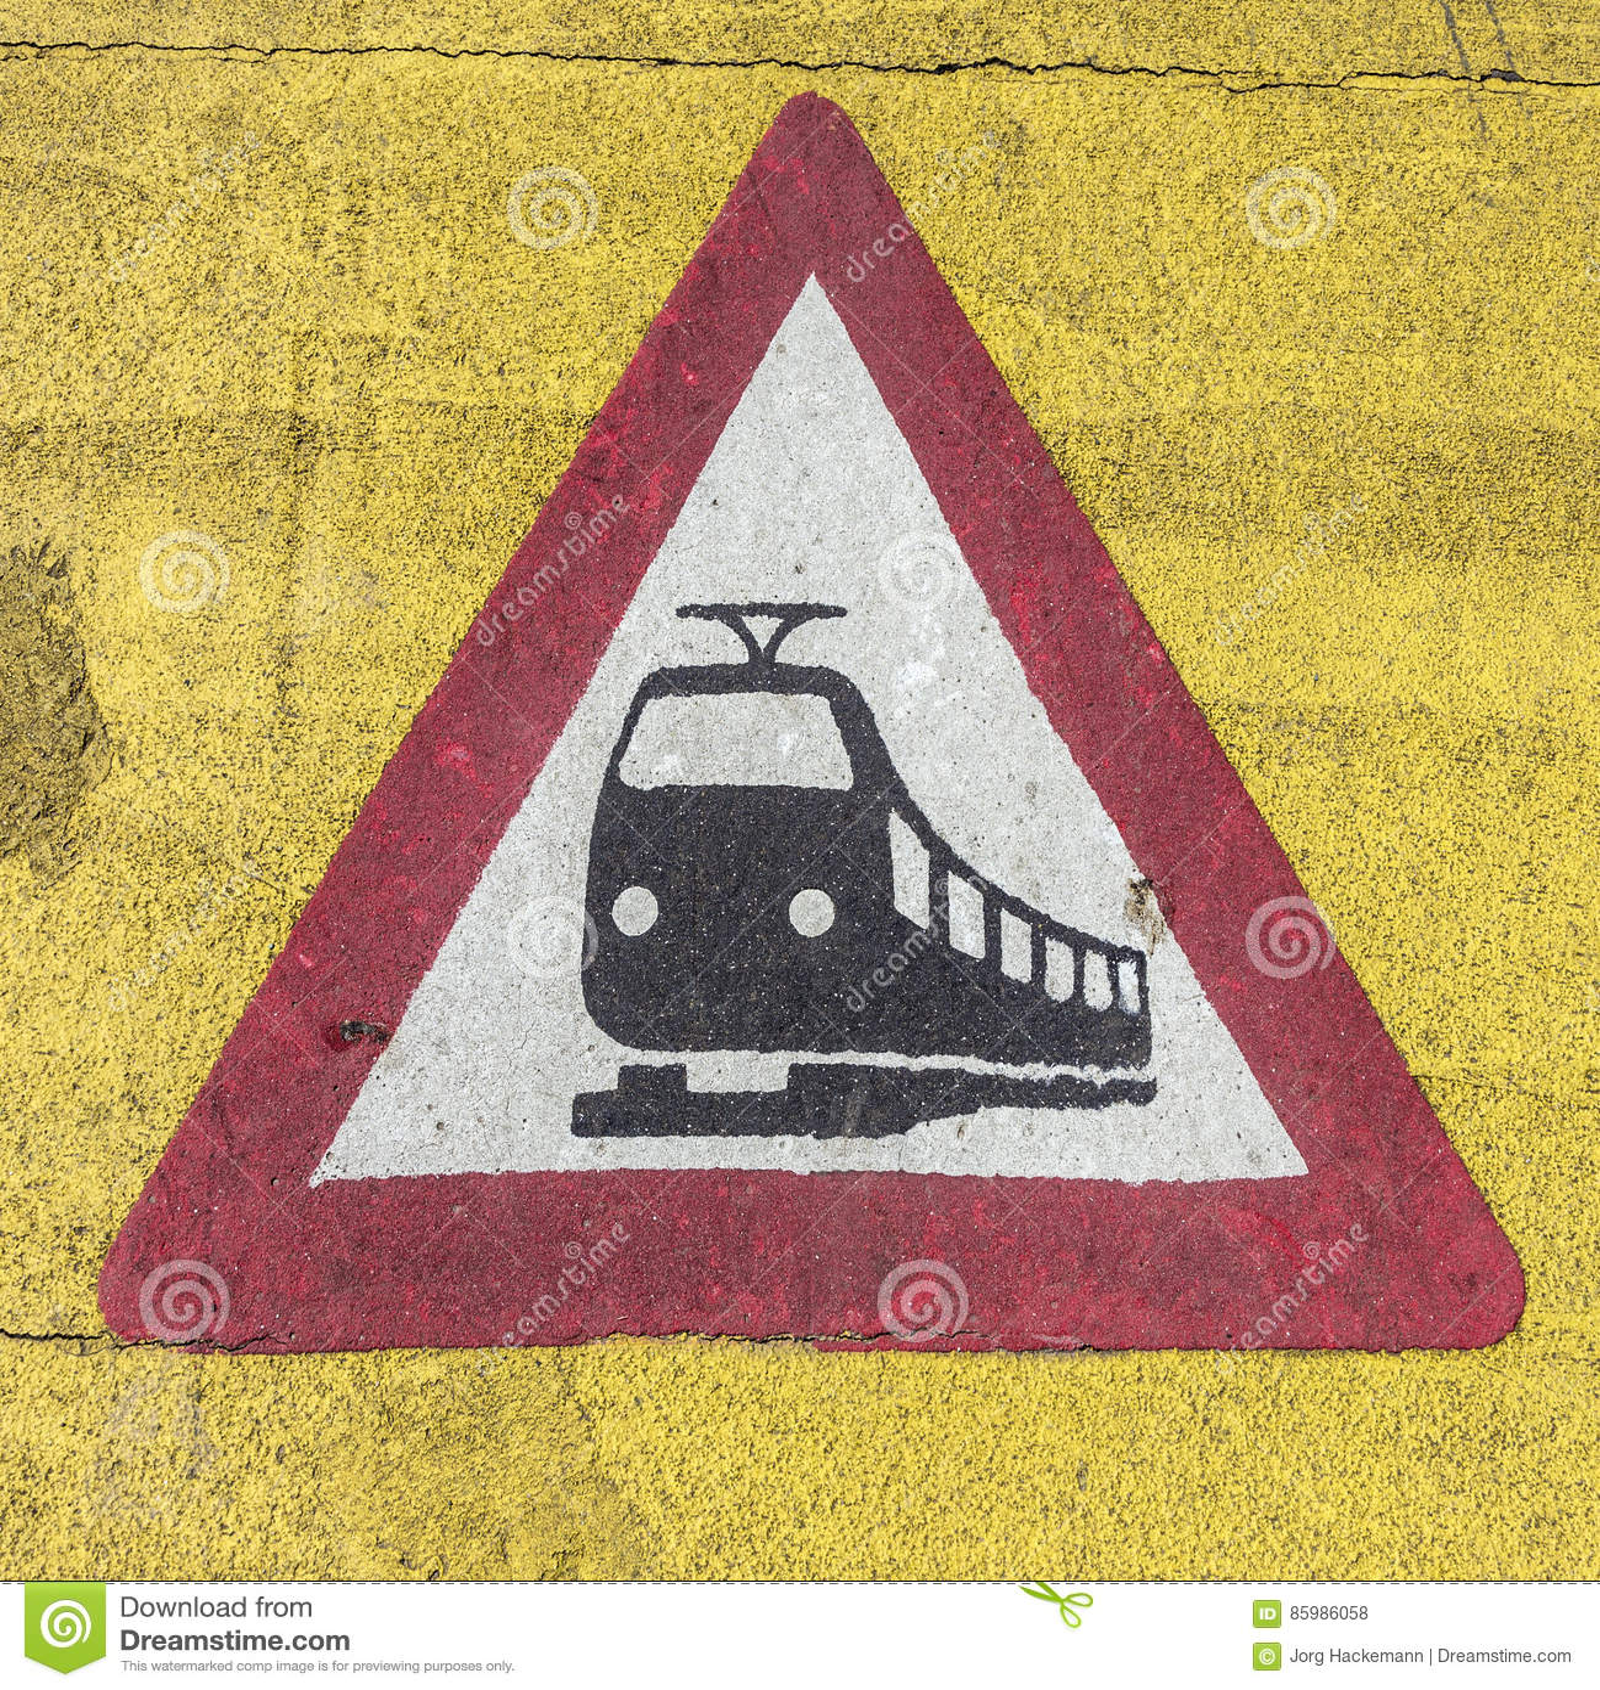 Drevvarningstecken på en järnvägkorsning